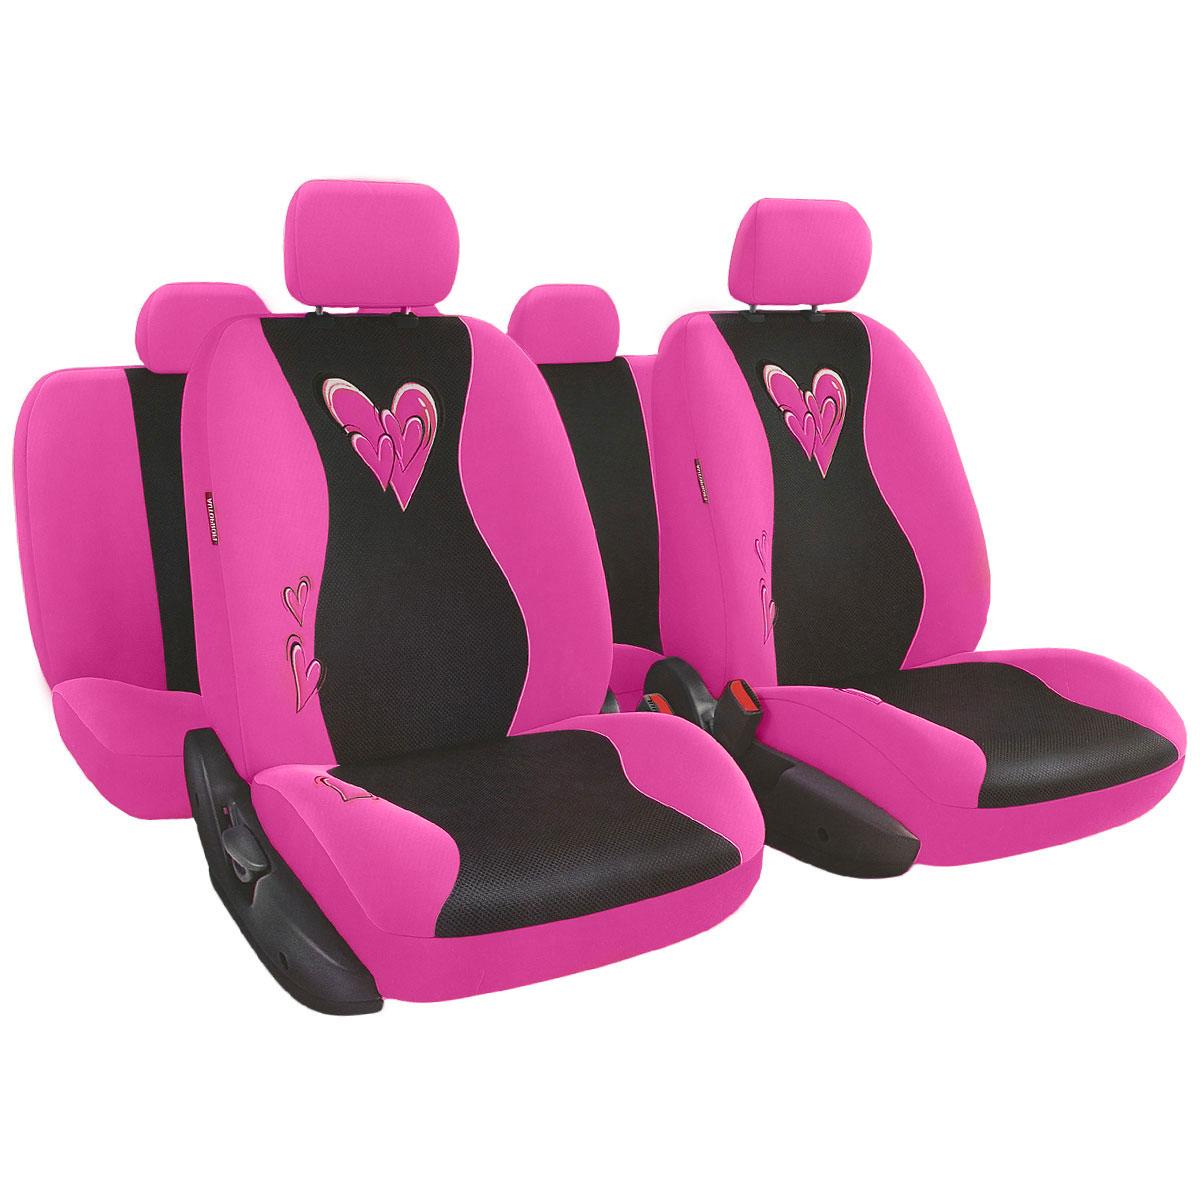 Набор авточехлов Autoprofi Glamour, велюр, цвет: розовый, 13 предметовGLM-1105 PINKМодель автомобильных чехлов Glamour разработана специально для милых дам. Очаровательный двухцветный дизайн и мягкие расцветки чехлов помогают придать салону автомобиля атмосферу гламура и чисто женского шарма.Нежный велюр и объемная сетчатая ткань чехлов делают их очень привлекательными и приятными на ощупь. Высококачественные материалы, триплированные толстым слоем поролона, способствуют улучшенной вентиляции кресел и позволяют сделать комфортными и неутомительными даже долгие поездки.Основные особенности авточехлов Glamour:- 3 молнии в спинке заднего ряда; - 3 молнии в сиденье заднего ряда; - карманы в спинках передних сидений; - крепление передних спинок липучками; - предустановленные крючки на широких резинках;- толщина поролона: 5 мм.Комплектация: - 1 сиденье заднего ряда; - 1 спинка заднего ряда; - 2 сиденья переднего ряда; - 2 спинки переднего ряда; - 5 подголовников; - набор фиксирующих крючков.